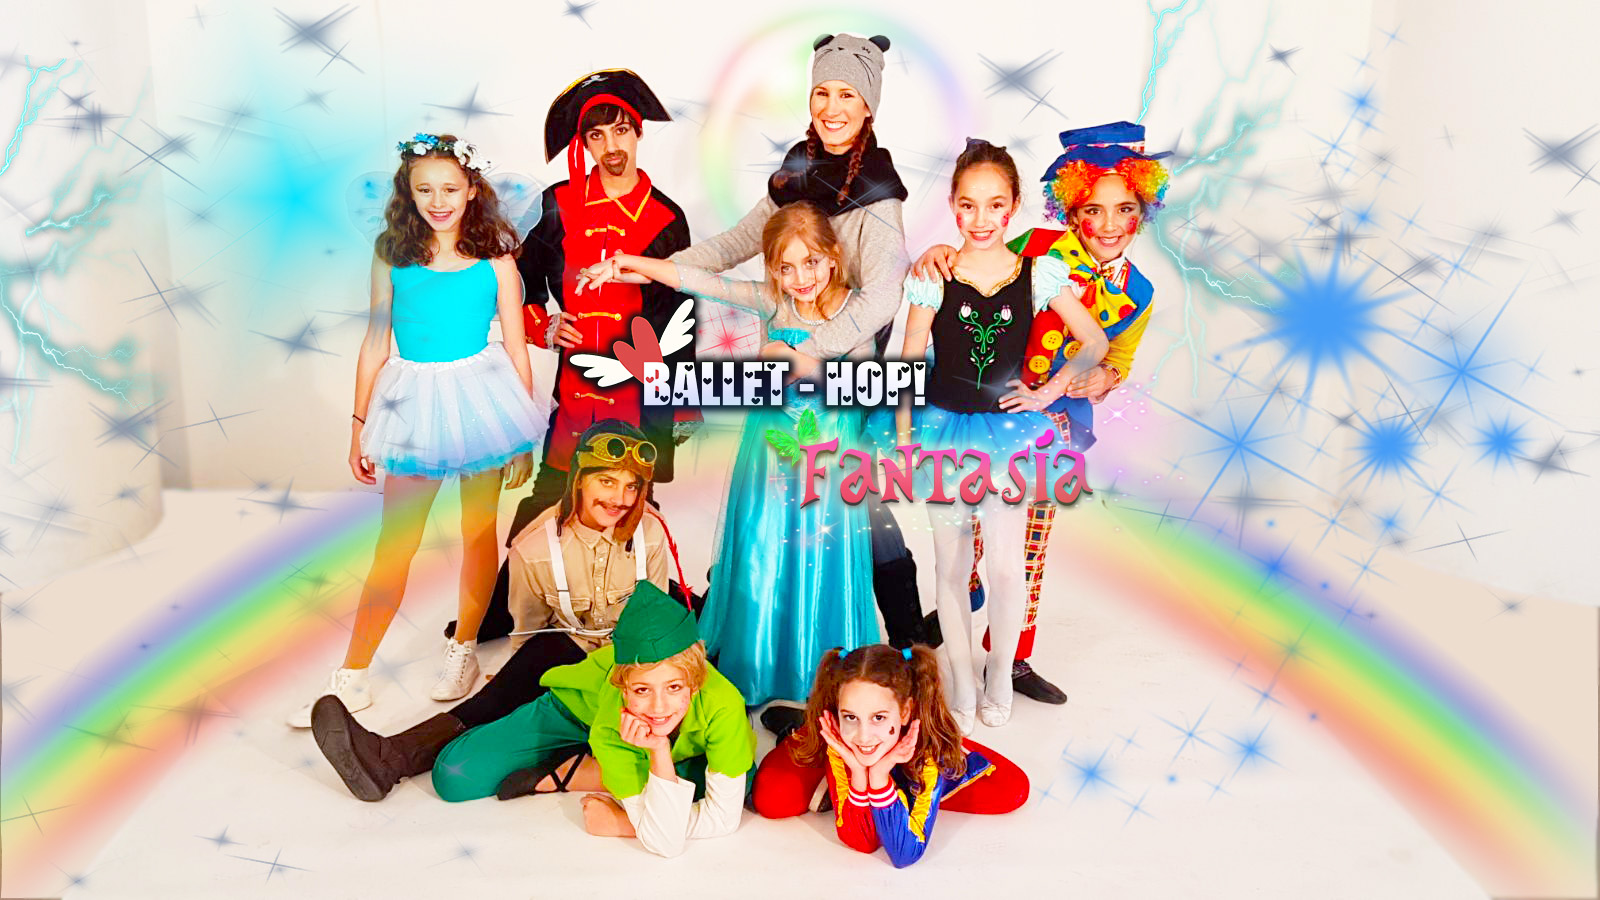 Ballet-Hop! con Mentxu Fantasía